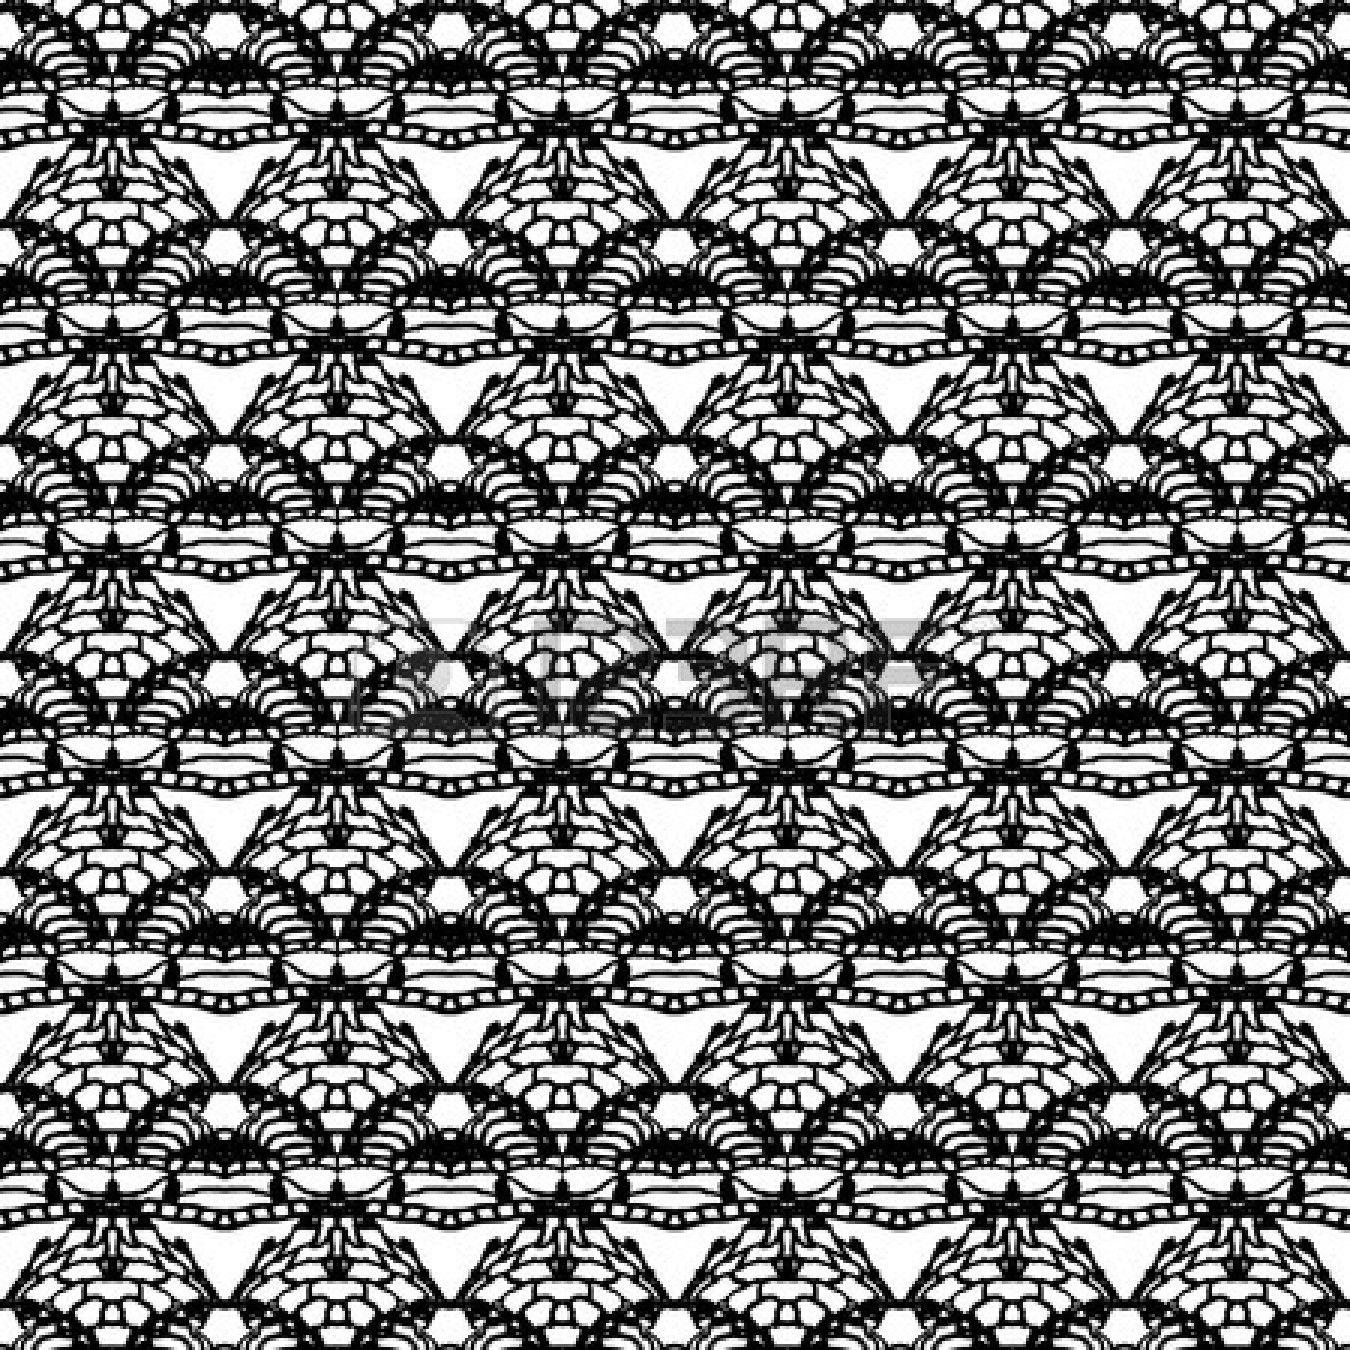 Encaje negro sin fisuras patrón de la ilustración vectorial de malla